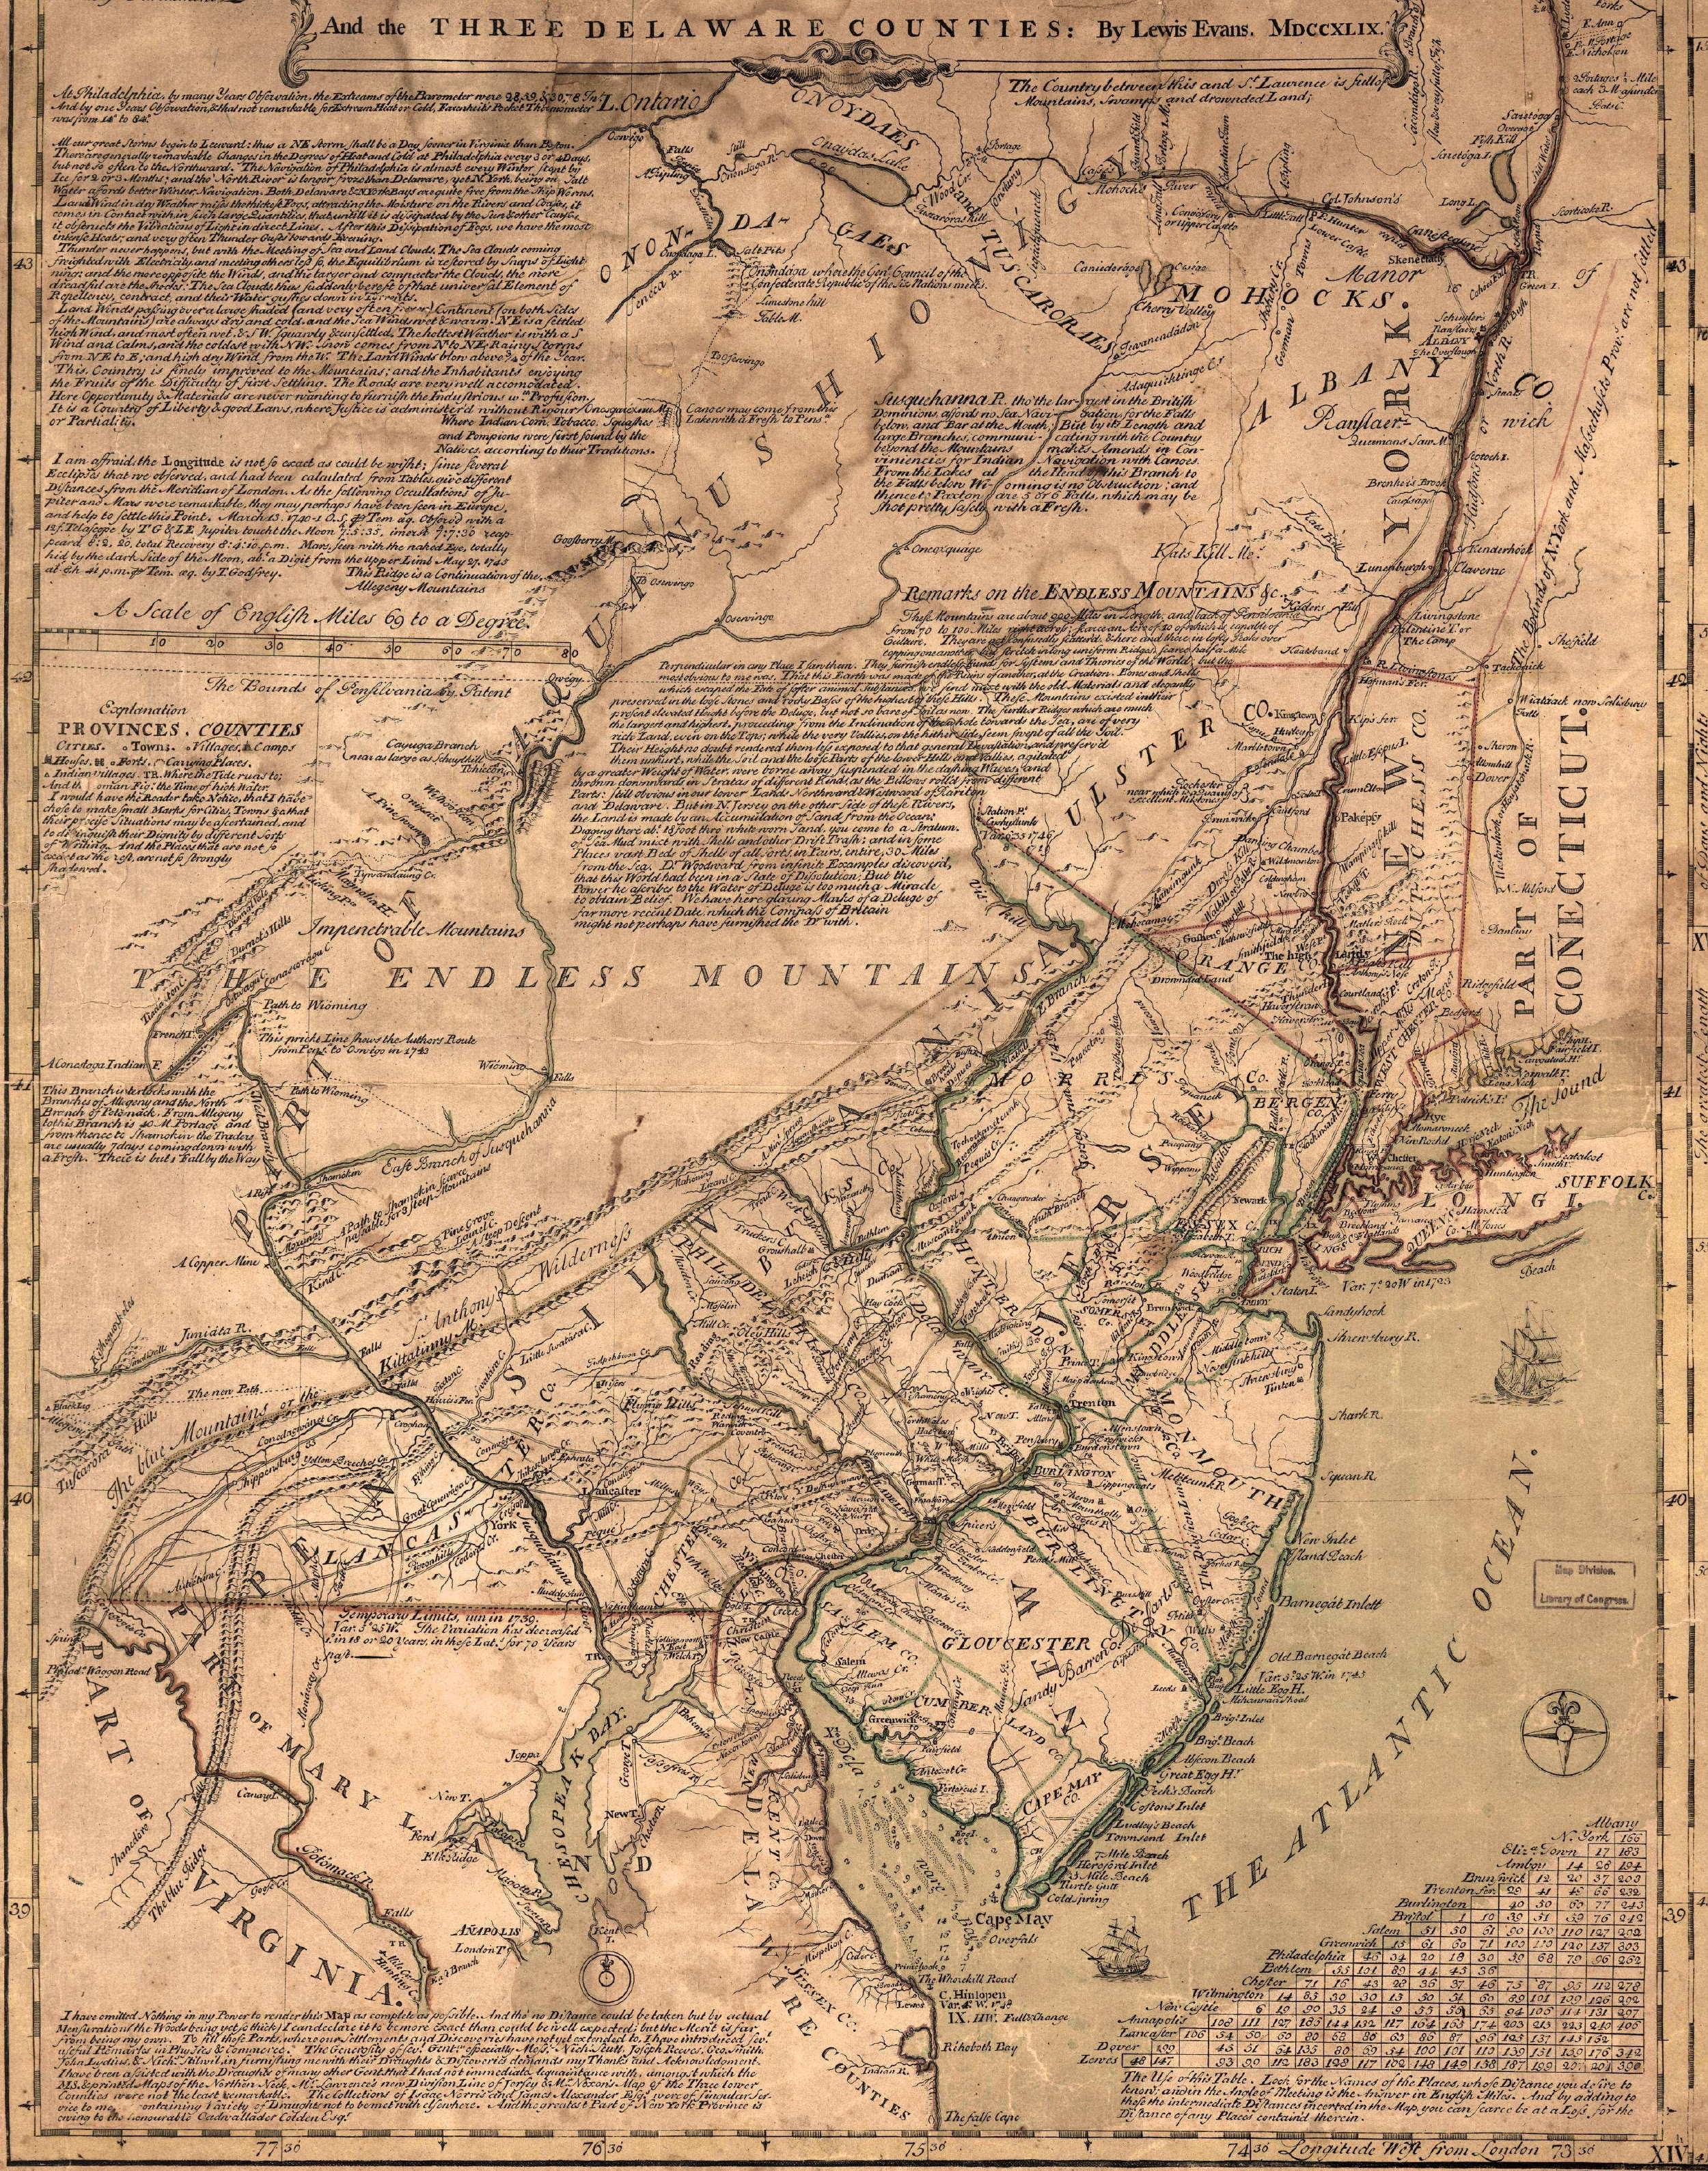 1749 Lewis Evans Map